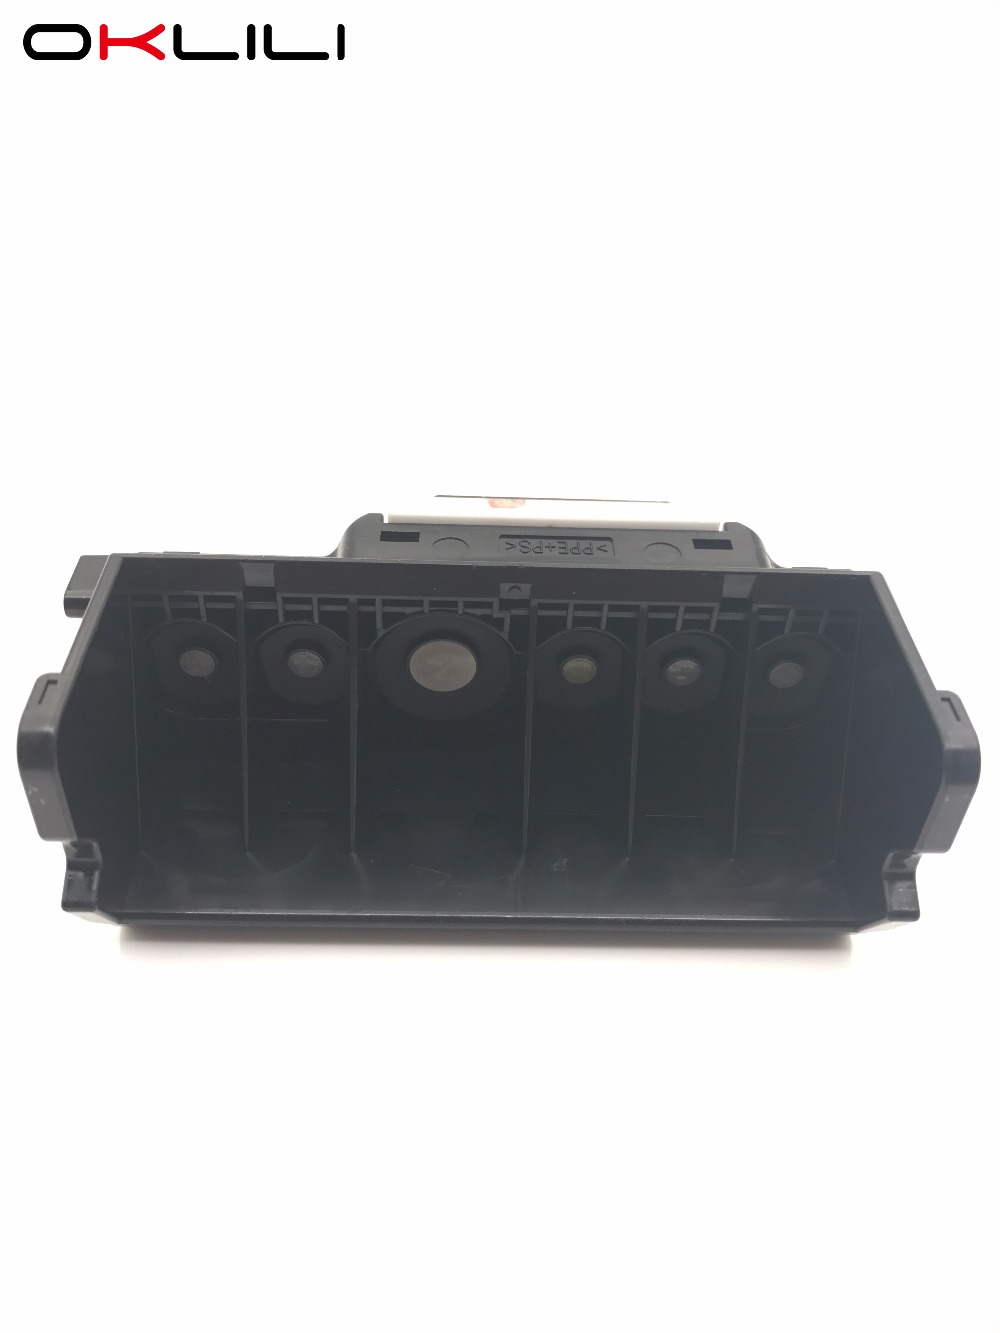 QY6-0078 QY6-0078-000 Imprimante à Tête D'impression Tête D'impression pour Canon MP990 MP996 MG6120 MG6140 MG6180 MG6280 MG8120 MG8180 MG8280 MG6250